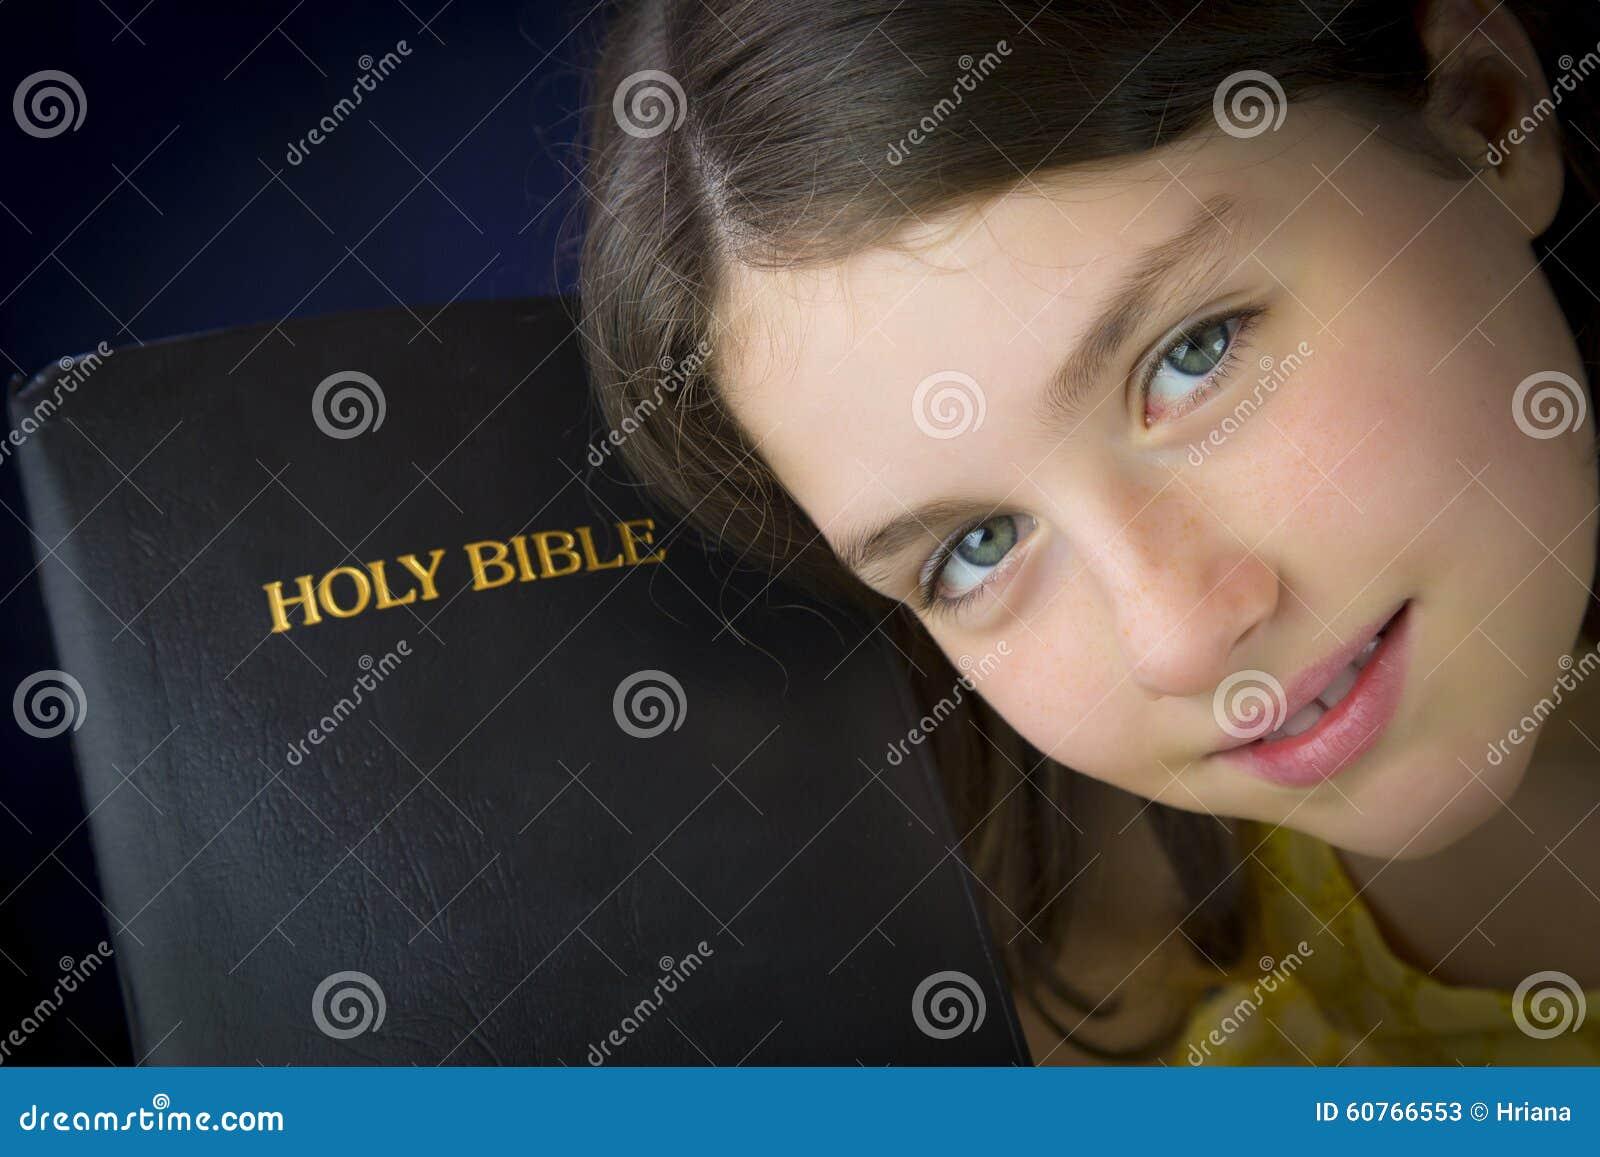 Portret die van mooi meisje Heilige Bijbel houden